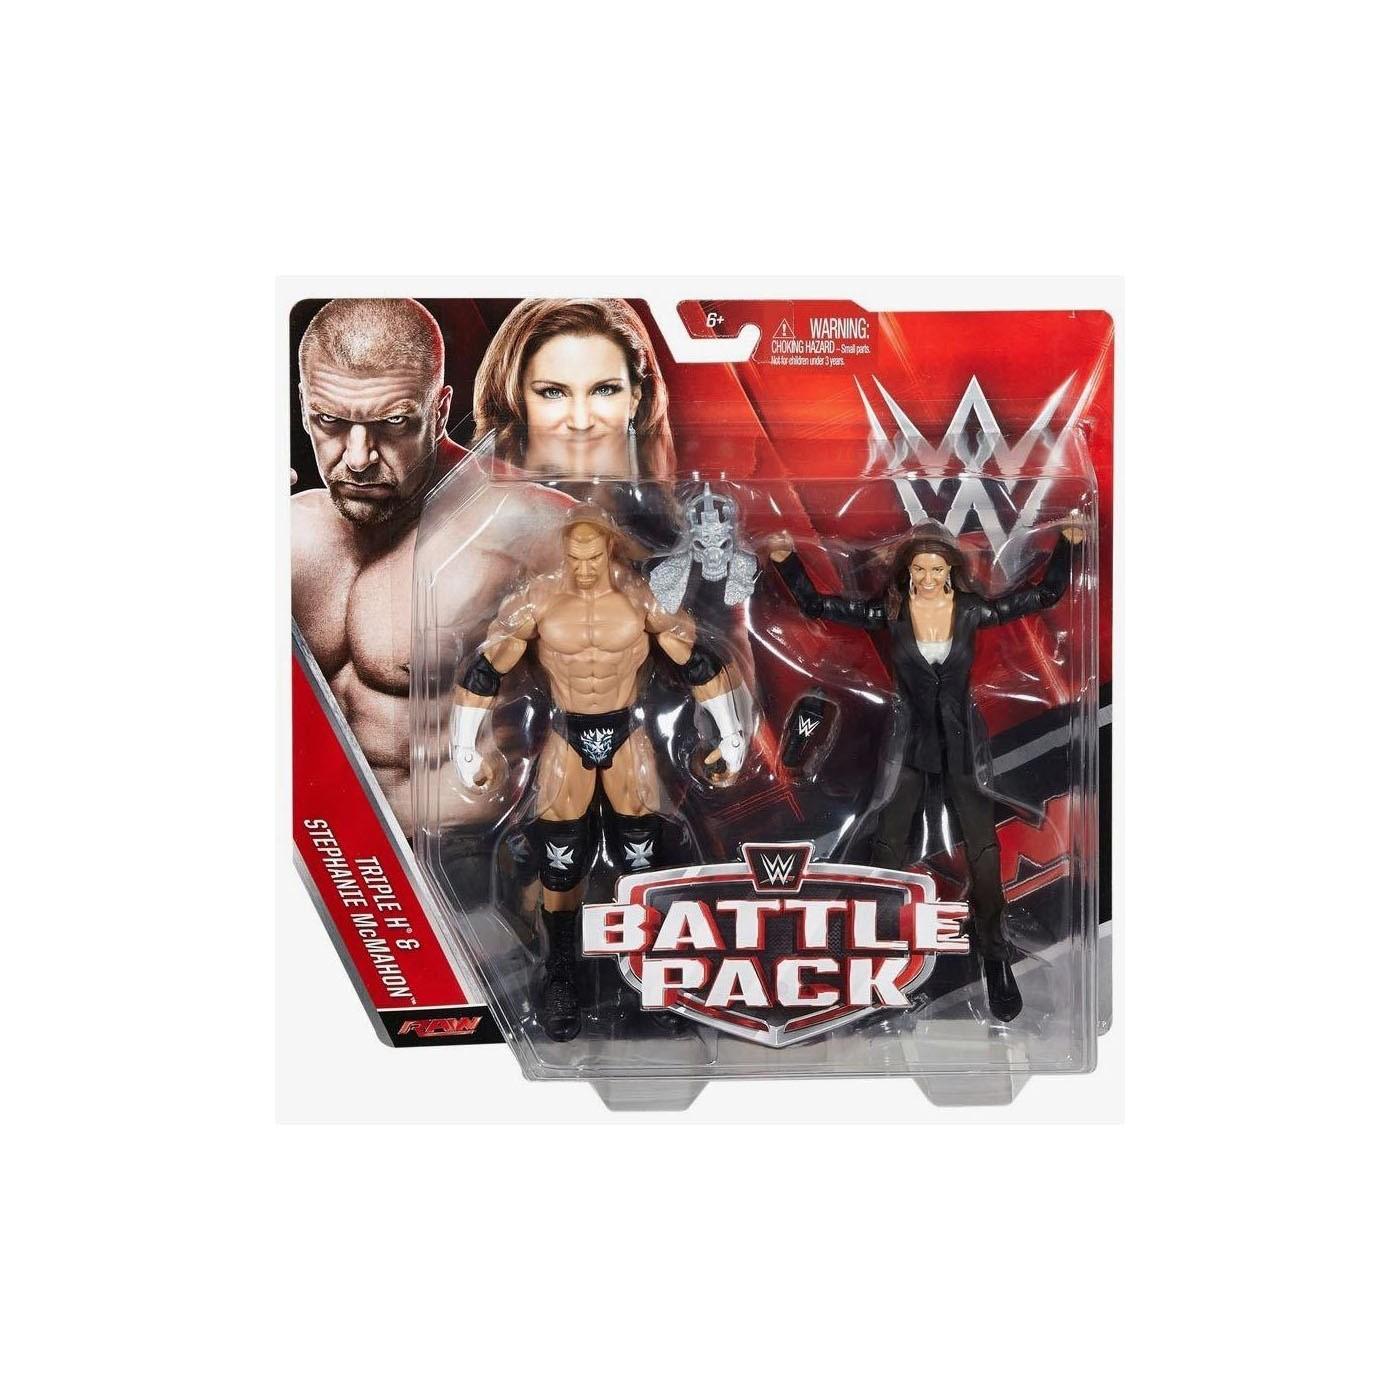 WWE BATTLE PACKS